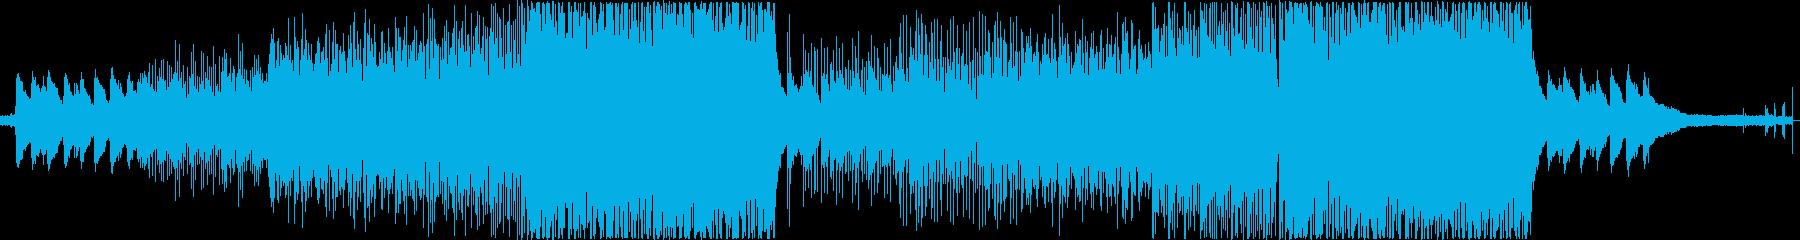 夏chill Trap 蝉の声 花火の音の再生済みの波形